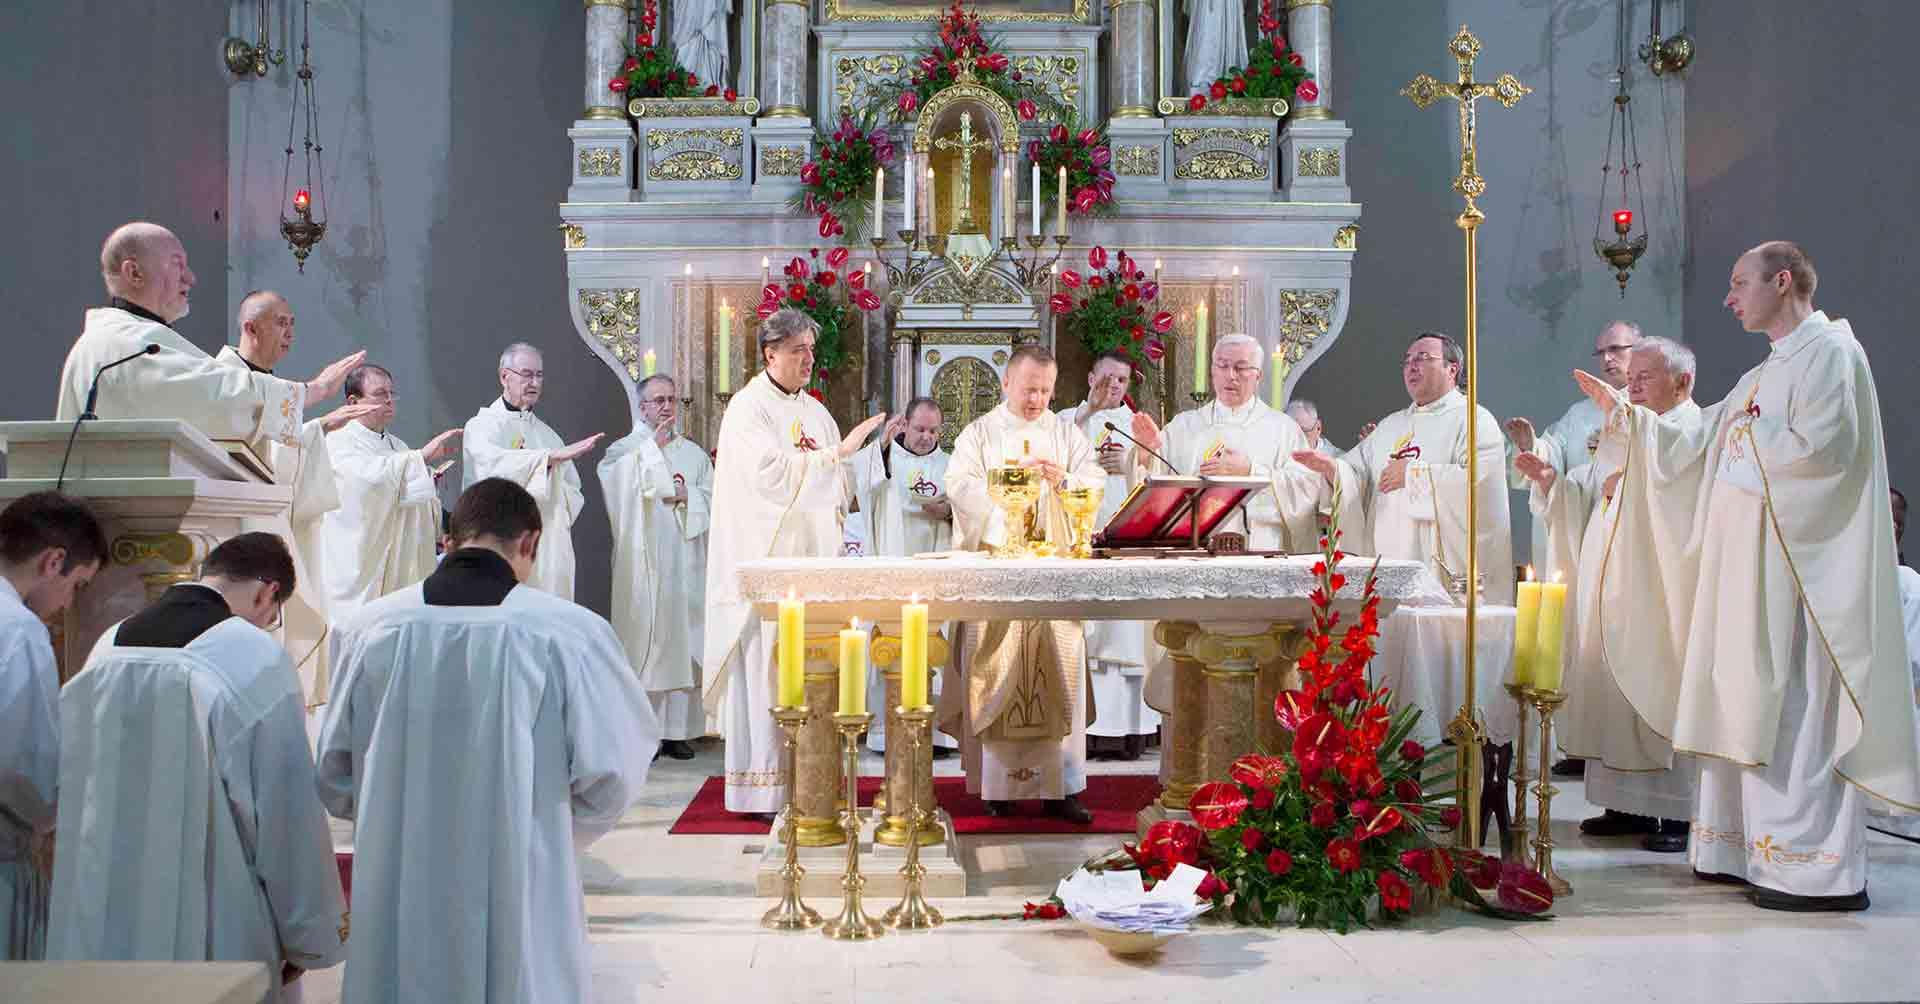 [FOTO] Tisuće ljudi na svetkovini Srca Isusova u bazilici u Zagrebu